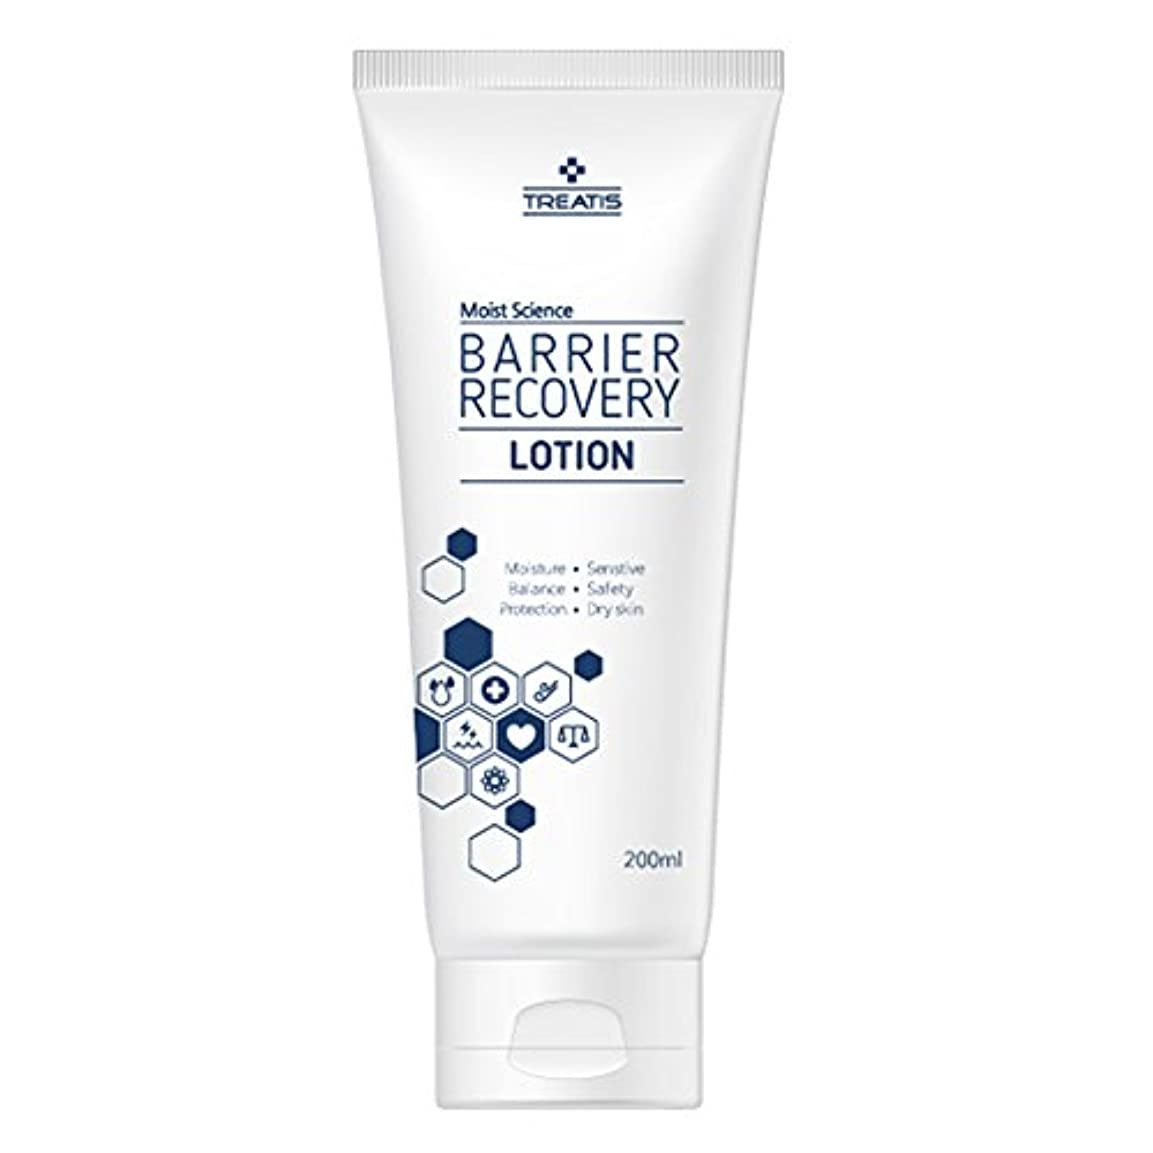 現像矢フェミニンTreatis barrier recovery lotion 7oz (200ml)/Moisture, Senstive, Balance, Safty, Protection, Dry skin [並行輸入品]